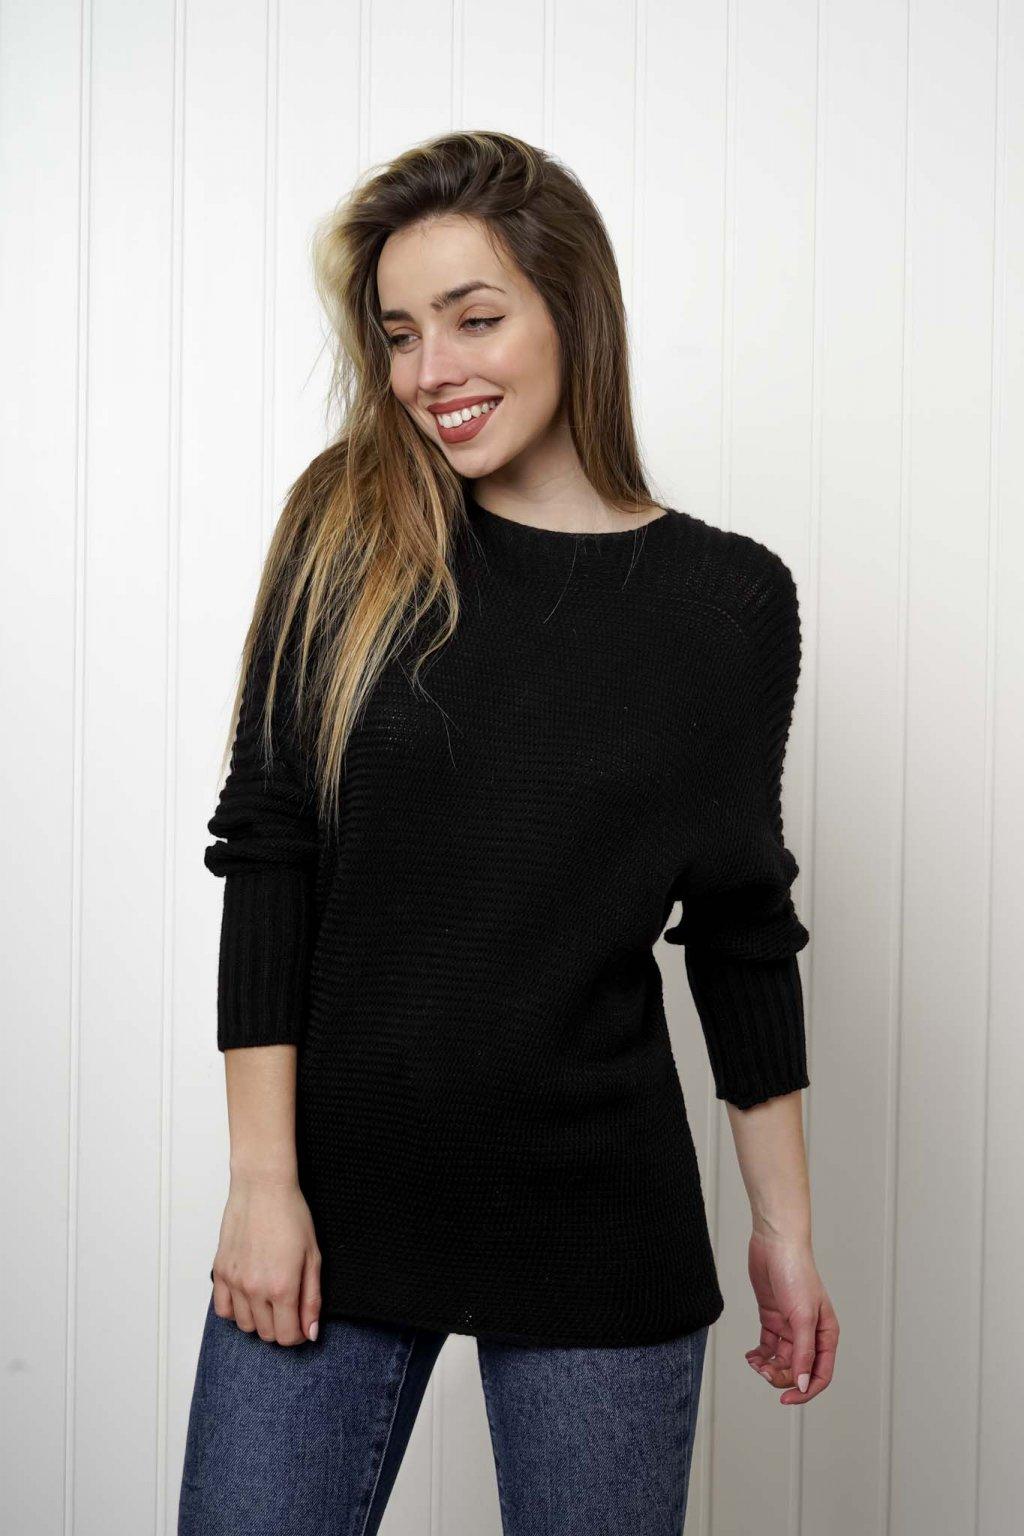 sveter, svetrík, sveter dámsky, úplet, úpletový sveter, jednoduchý sveter, v výstríh, štýlový, chlpatý,vzorovaný, srdiečkový, čierny, biely, farebný, 064